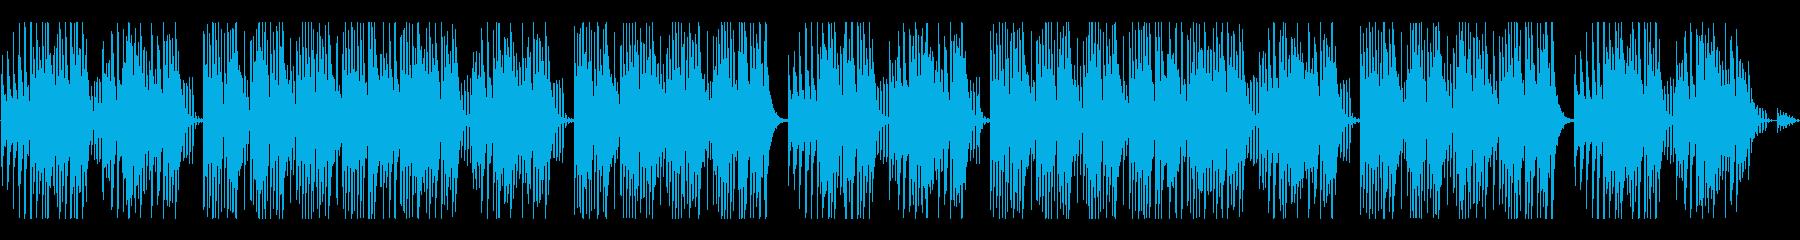 キュートでほのぼのした楽曲B:編集2の再生済みの波形